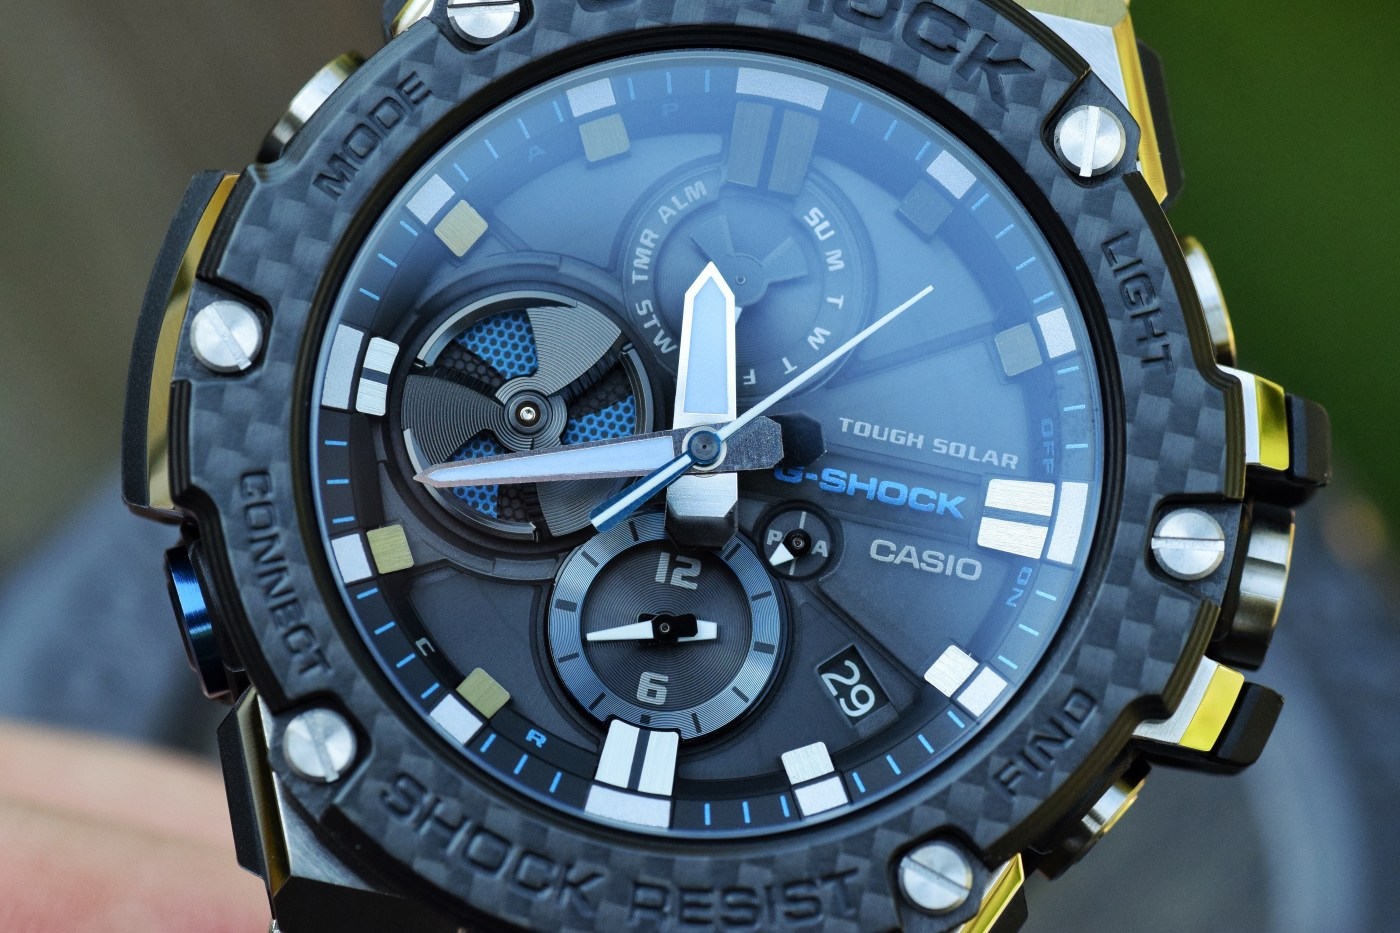 G-Shock G-Steel GST-B100XA-1A